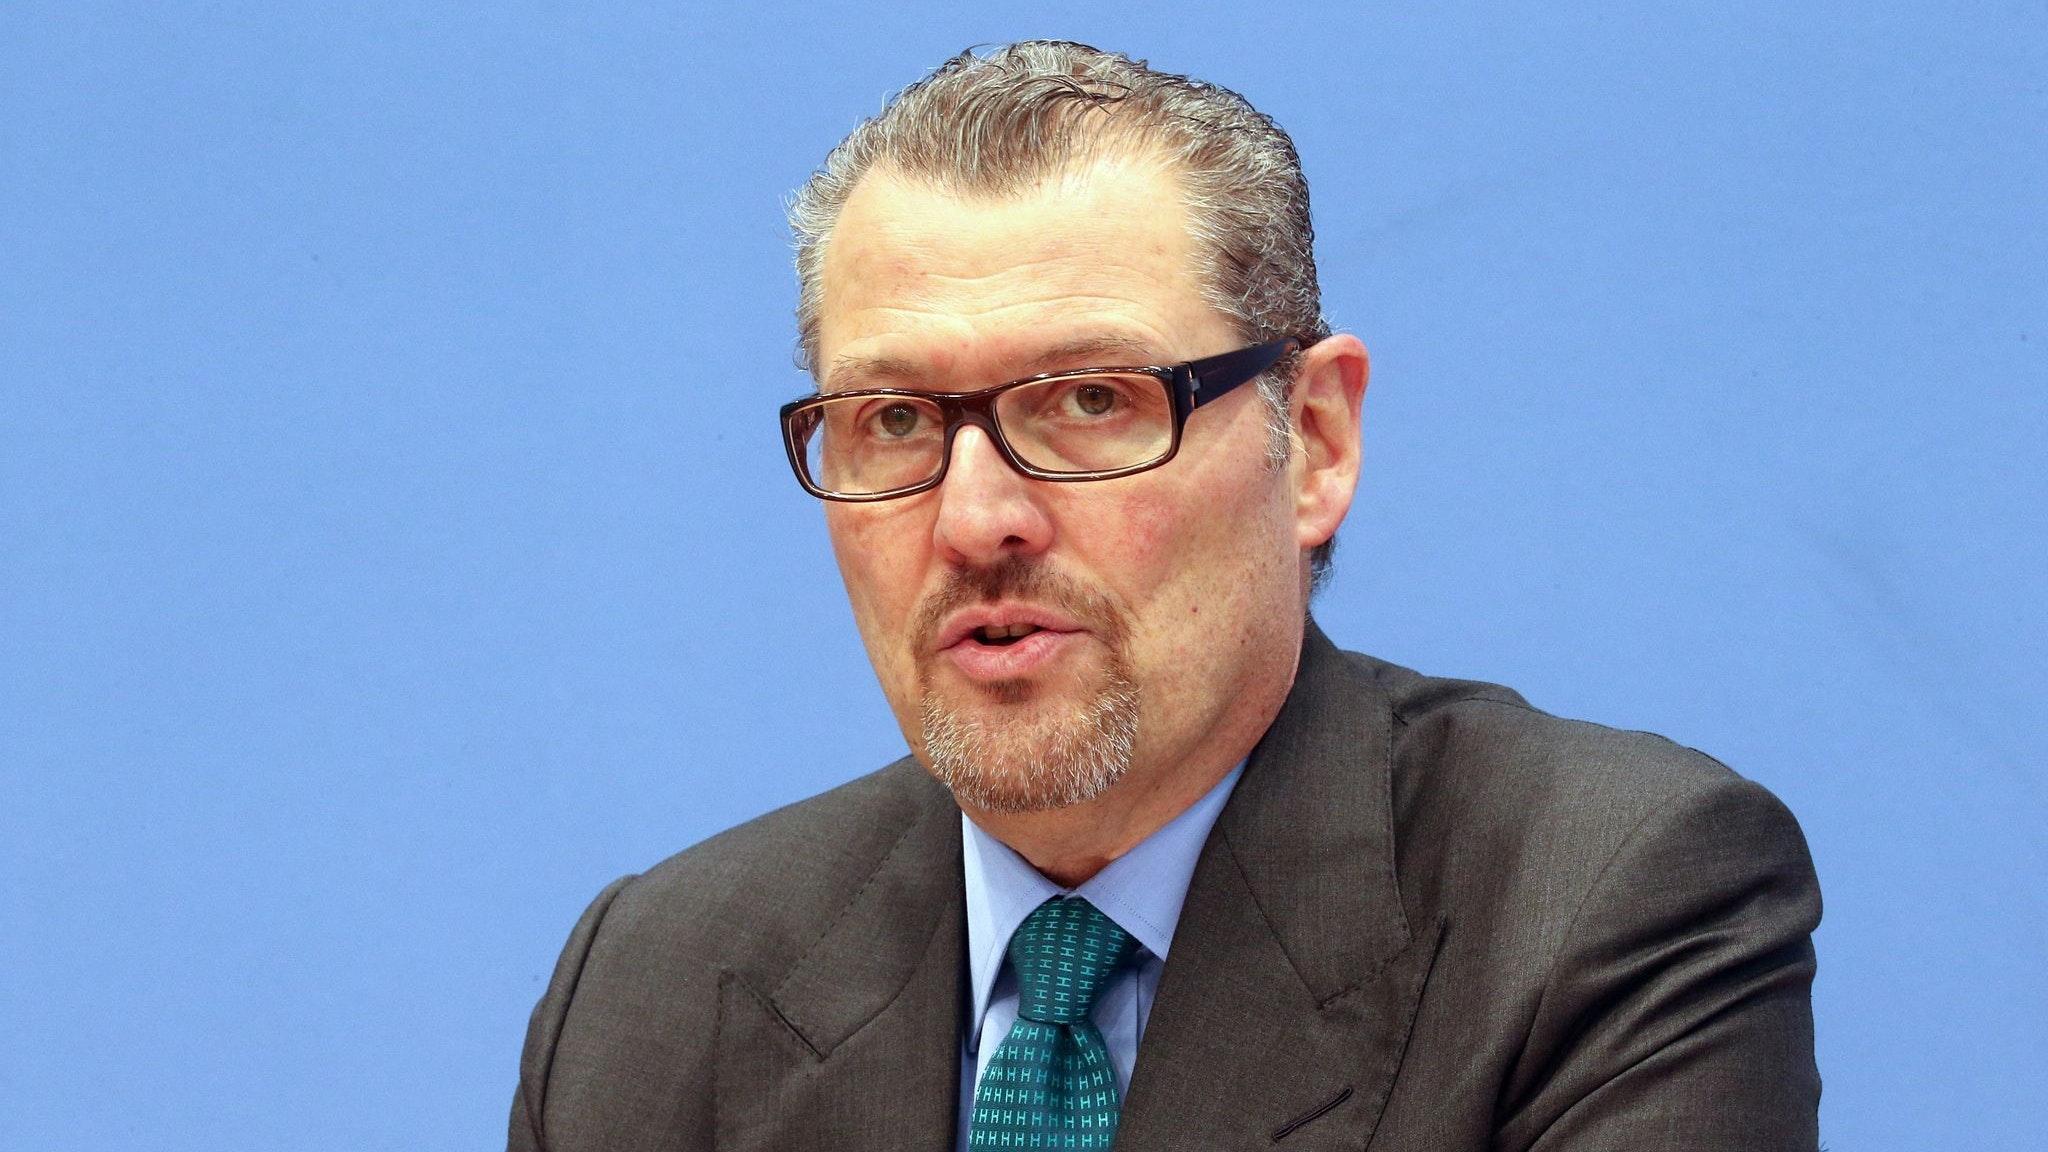 Arbeitgeberpräsident Rainer Dulger fordert, die Betriebsärzte rasch in die Corona-Impfungen einzubeziehen. Foto: dpa/Kumm